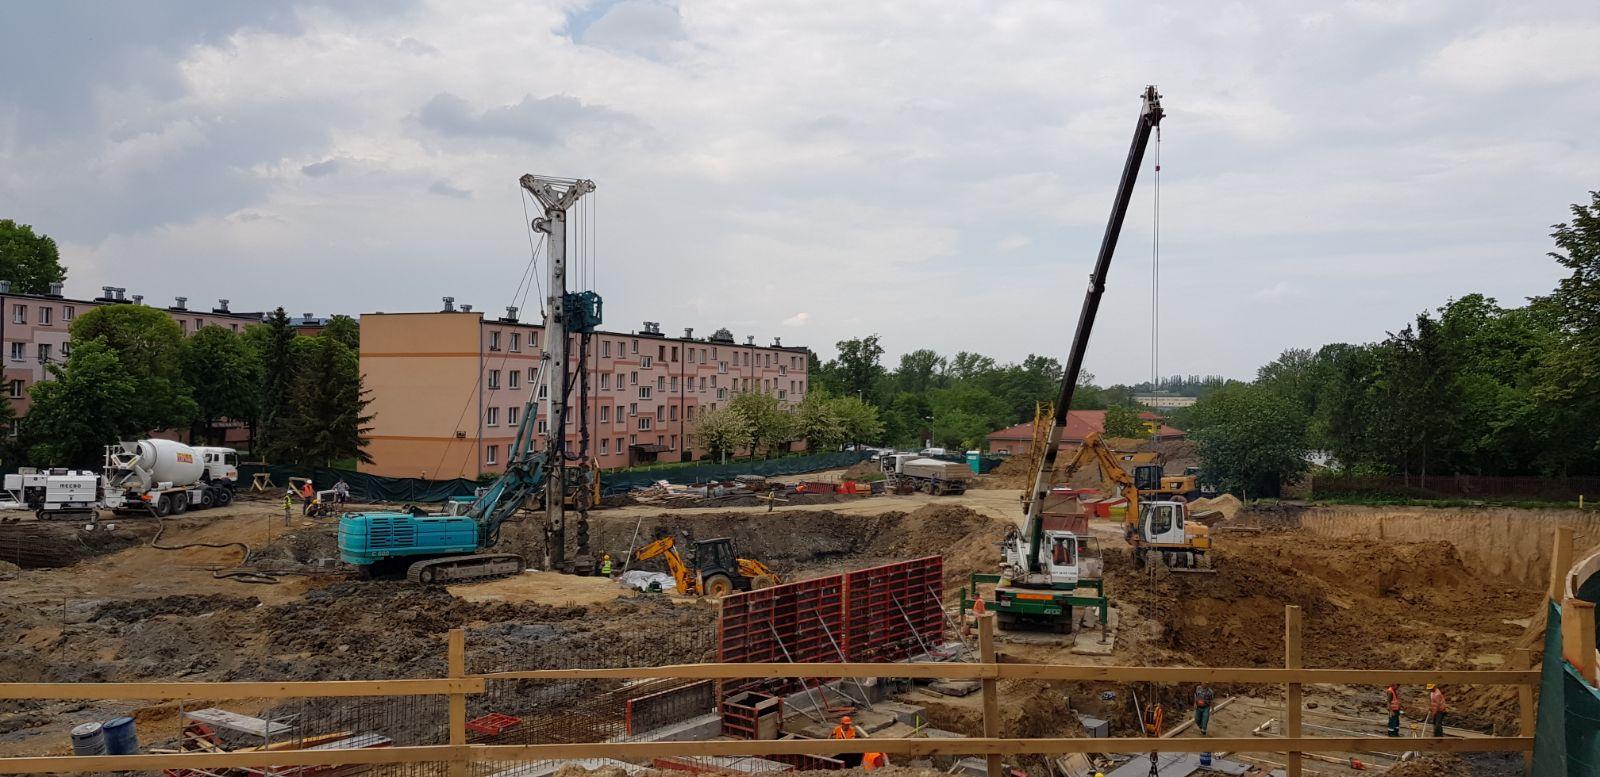 Zaglądamy na placu budowy nowego basenu [FOTO] [AKTUALIZACJA]